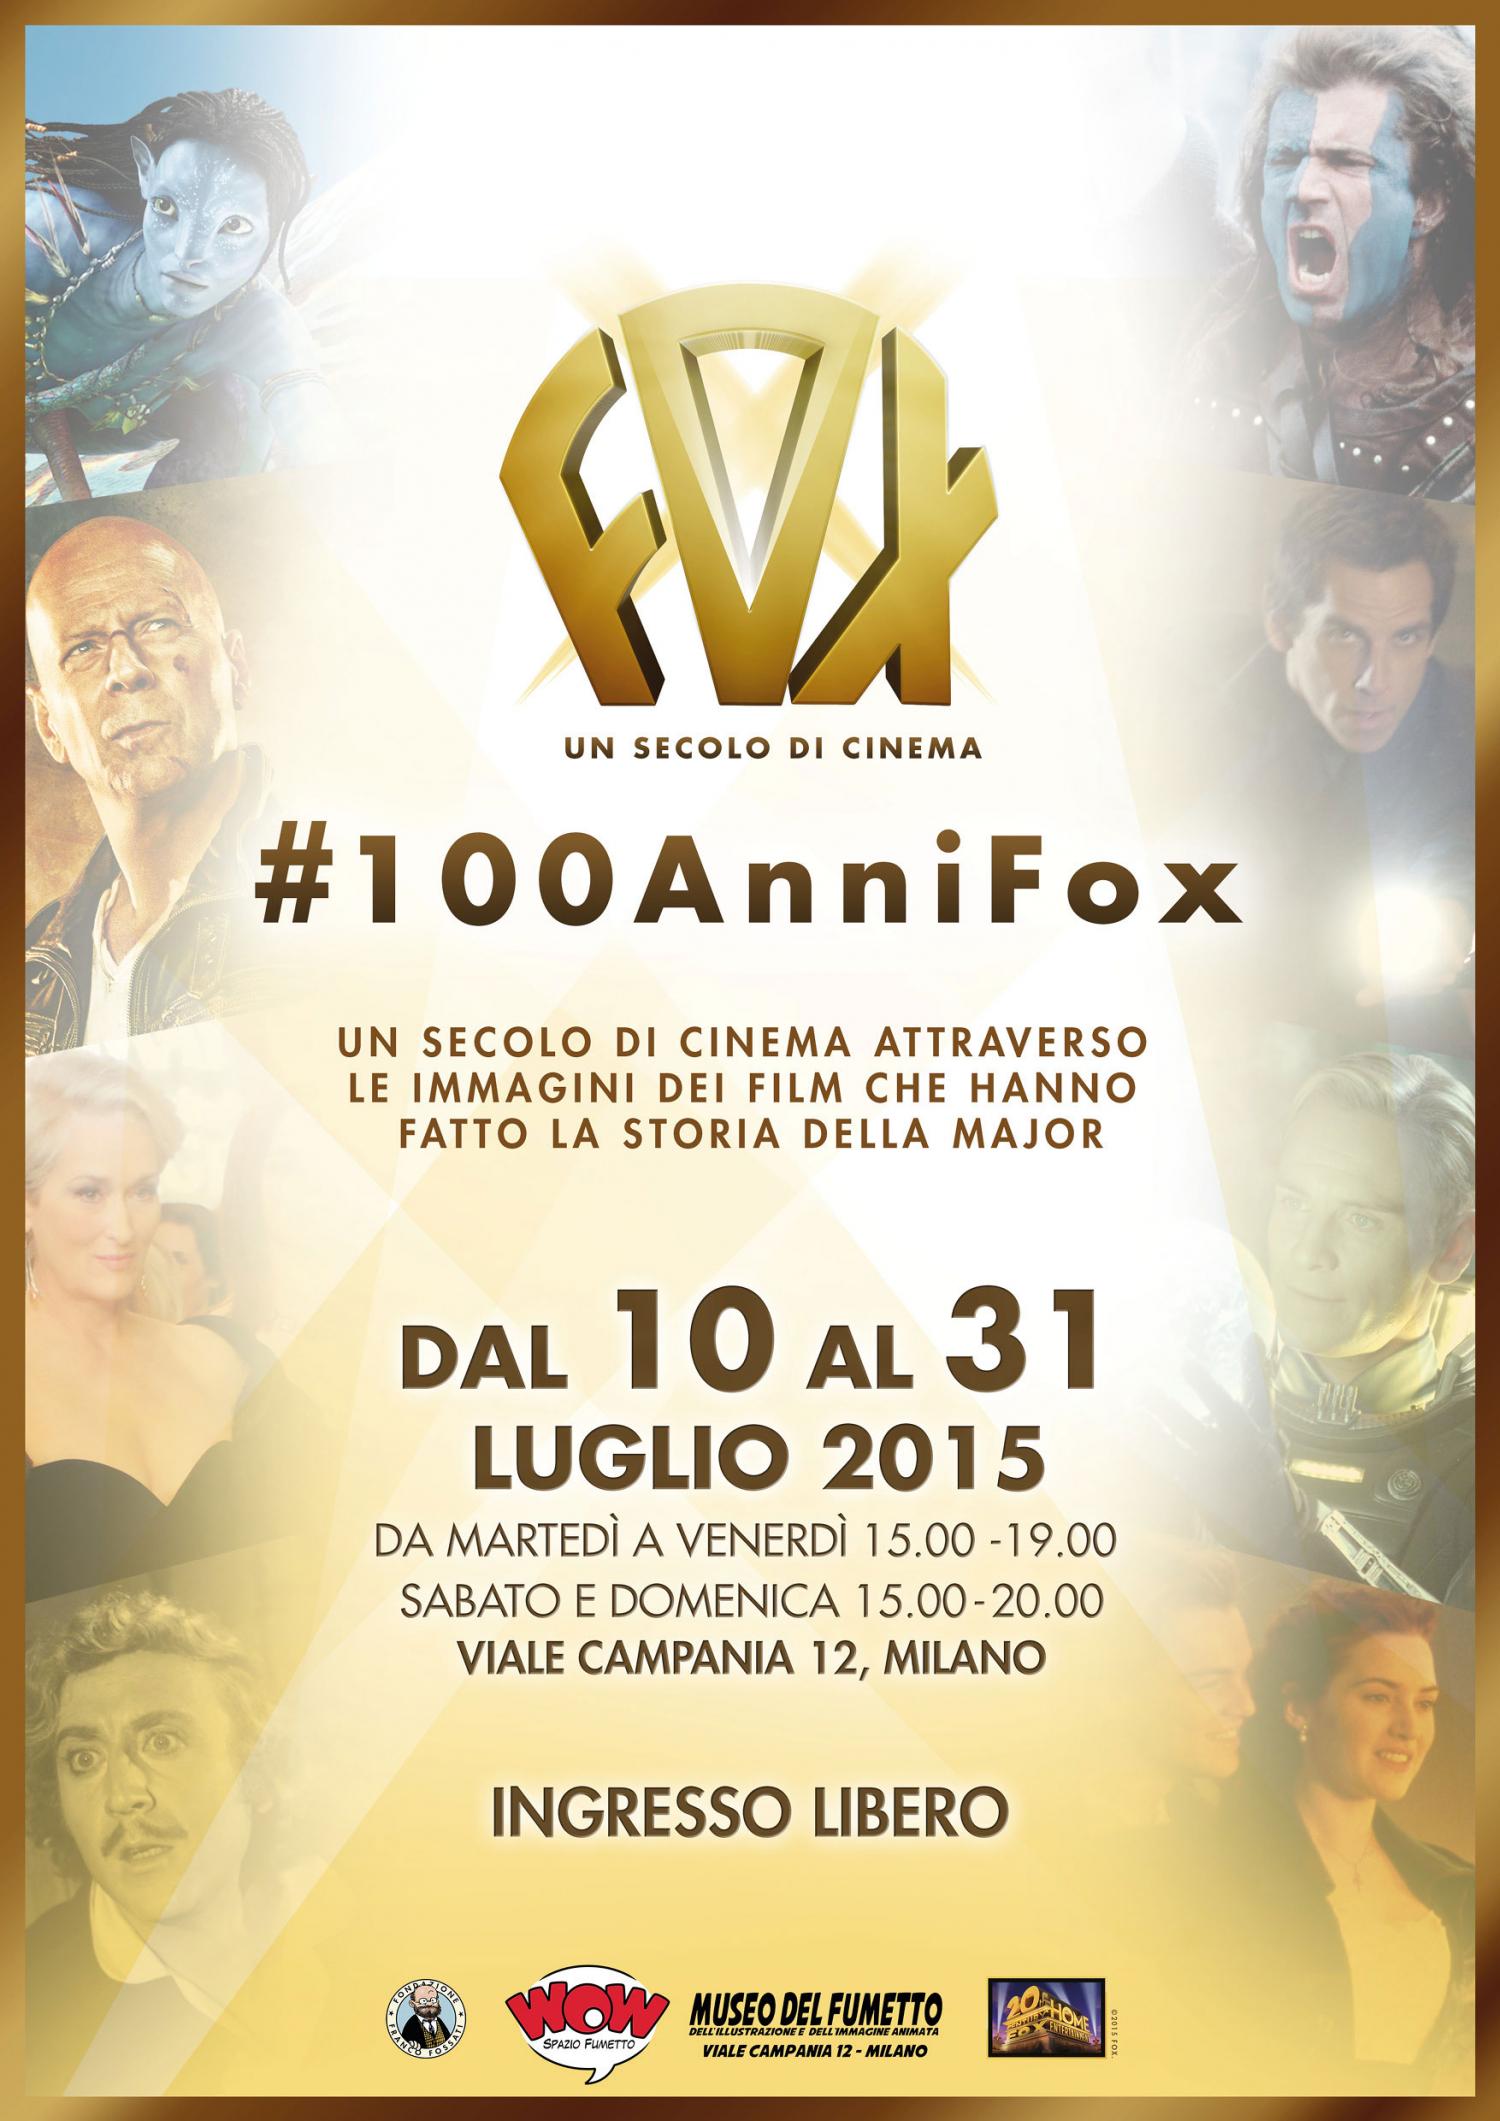 <p>Per festeggiare i suoi primi 100 anni, dal 10 luglio al 31 luglio, <strong>20th Century Fox</strong> <strong>Home Entertainment</strong> allestisce la mostra #100AnniFox: un percorso fotografico con immagini di scena e di backstage, per <strong>un suggestivo viaggio tra i dietro le quinte delle pi&ugrave; grandi produzioni cinematografiche</strong> della Major.&nbsp;L&rsquo;inaugurazione di #100AnniFox si svolge gioved&igrave; 9 luglio a partire dalle ore 18.o0 con&nbsp;<strong>un&rsquo;esposizione tematica dedicata agli X-Men</strong> e l&rsquo;anteprima di alcuni&nbsp;contenuti di&nbsp;<strong>X-MEN GIORNI DI UN FUTURO PASSATO: THE ROGUE CUT</strong>, disponibile solo in Blu-ray, DVD e Digital HD dal 13 Luglio.</p><p><strong>Era il 1915 quando fu fondata la Fox Film Corporation</strong>, dando vita a <strong>uno dei pi&ugrave; grandi colossi della cinematografia internazionale</strong>, che vanta oggi un ampio catalogo di successi indimenticabili. Dal 10 al 31 luglio, per festeggiare i suoi primi 100 anni, la 20th Century Fox allestisce una mostra presso WOW Spazio Fumetto &ndash; Museo del Fumetto, dell&rsquo;Illustrazione e dell&rsquo;Immagine animata di Milano: un percorso fotografico con immagini di scena e di backstage, per un suggestivo viaggio tra i dietro le quinte delle pi&ugrave; grandi produzioni cinematografiche della Major.Una mostra emozionante che attinge dagli archivi della Major e che celebra alcuni tra i film pi&ugrave; significativi, amati e premiati della storia di 20th Century Fox, un secolo di cinema che ha fatto sognare, ridere e commuovere il pubblico tutto il mondo e che oggi &egrave; possibile rivedere in Blu-ray, DVD e Digital HD, nei principali store digitali.</p><p>Dai classici intramontabili, come <strong>Cleopatra</strong>, <strong>Tutti Insieme Appassionatamente</strong> e <strong>Frankenstein Junior</strong>, all&rsquo;azione adrenalinica di <strong>Die Hard</strong>, passando per <strong>Alien</strong> di Ridley Scott, fino ad 